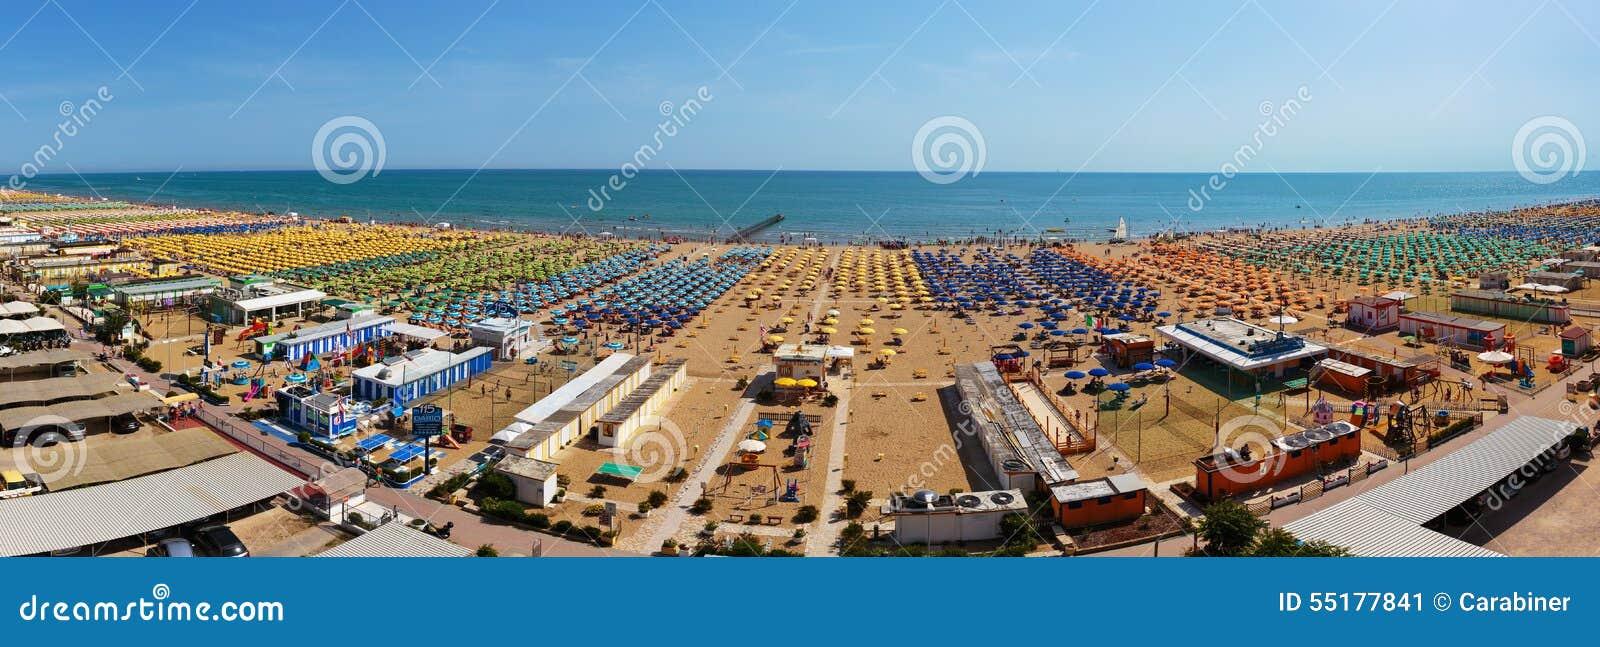 Ville publique de plage sur la mer m diterran e rimini - Ville bord de mer mediterranee ...